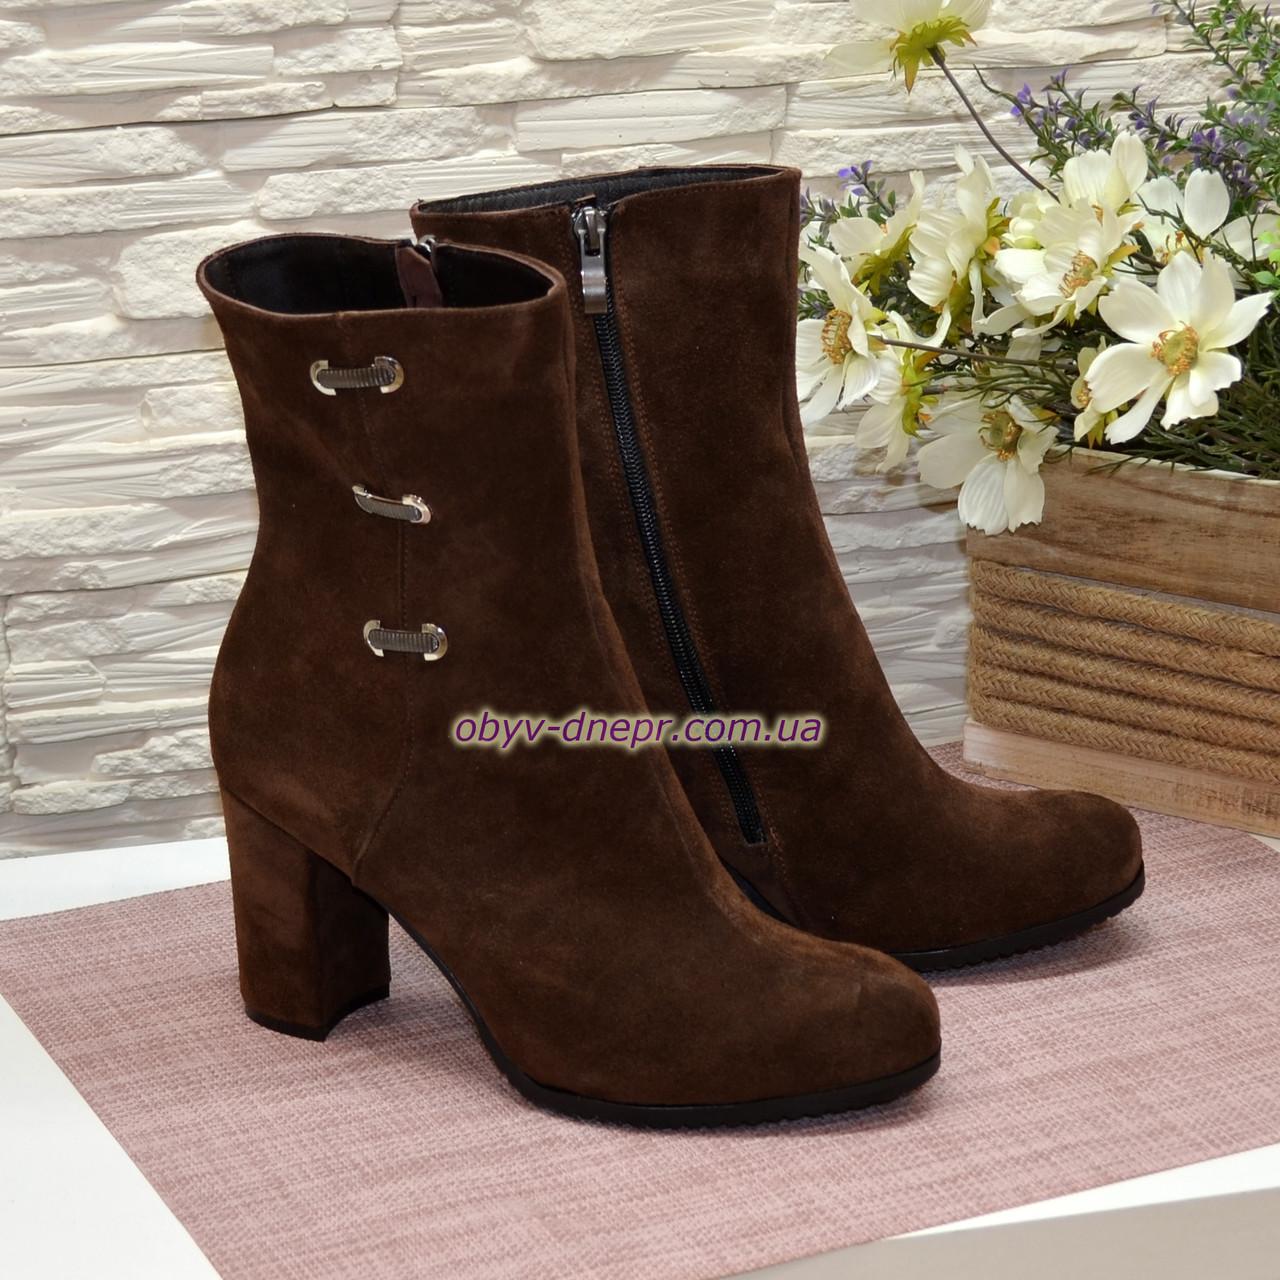 Ботинки зимние замшевые на высоком устойчивом каблуке, цвет коричневый